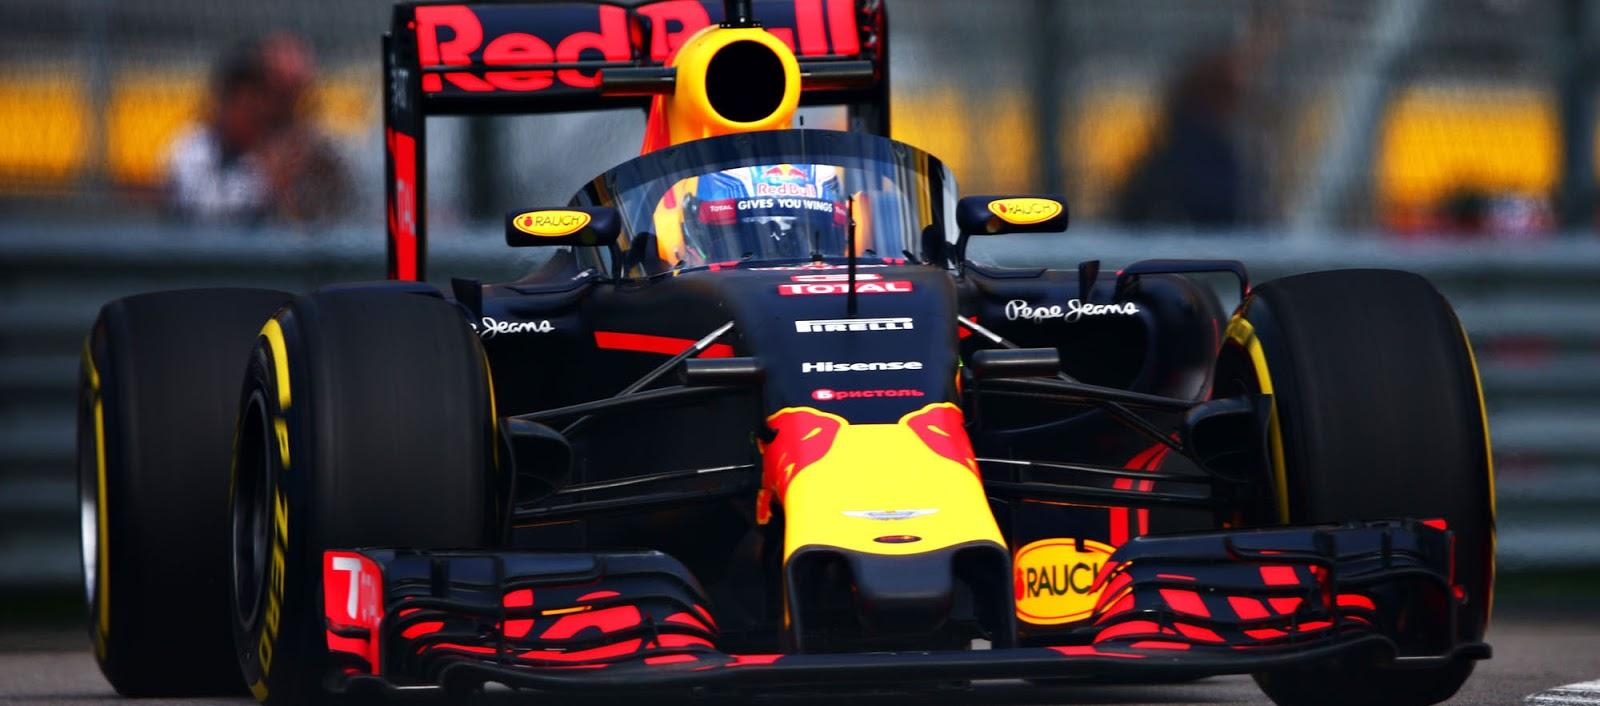 Red Bull introduce su concepto de protección del cockpit denominado Aeroscreen